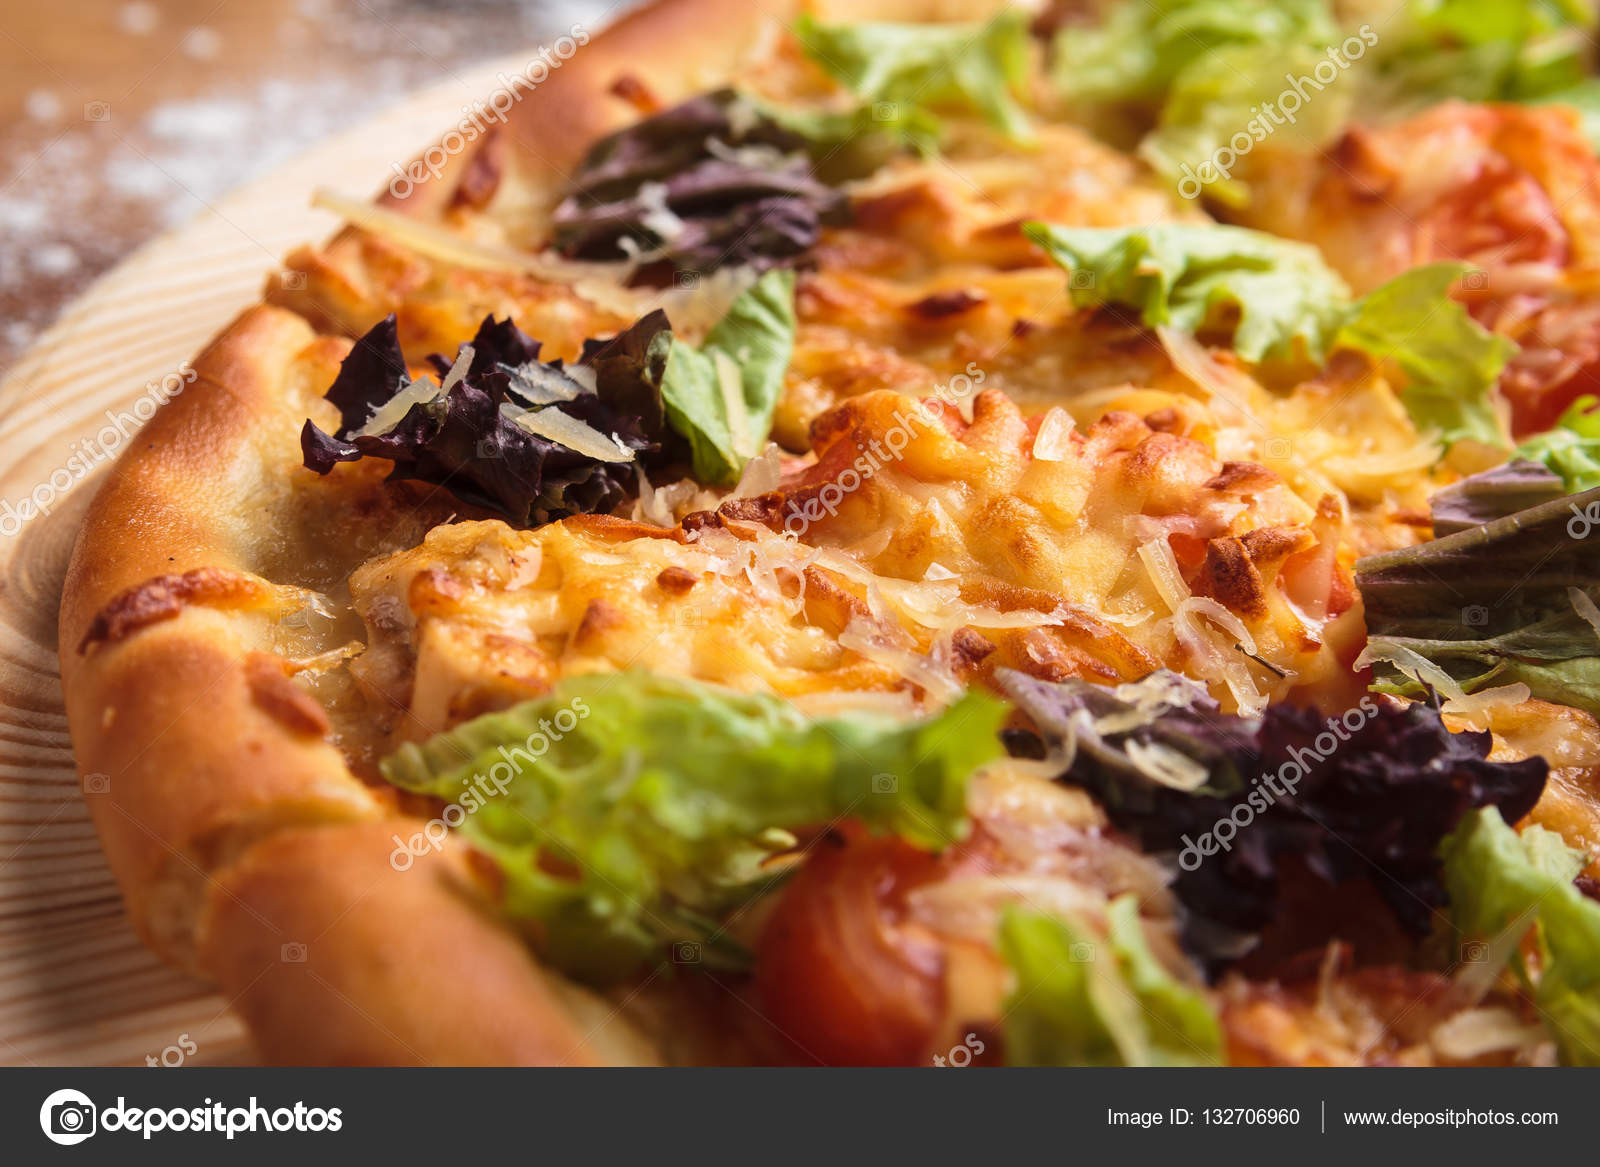 Caesar Pizza Auf Chaotisch Aus Holz Hintergrund Stockfoto Mrakor